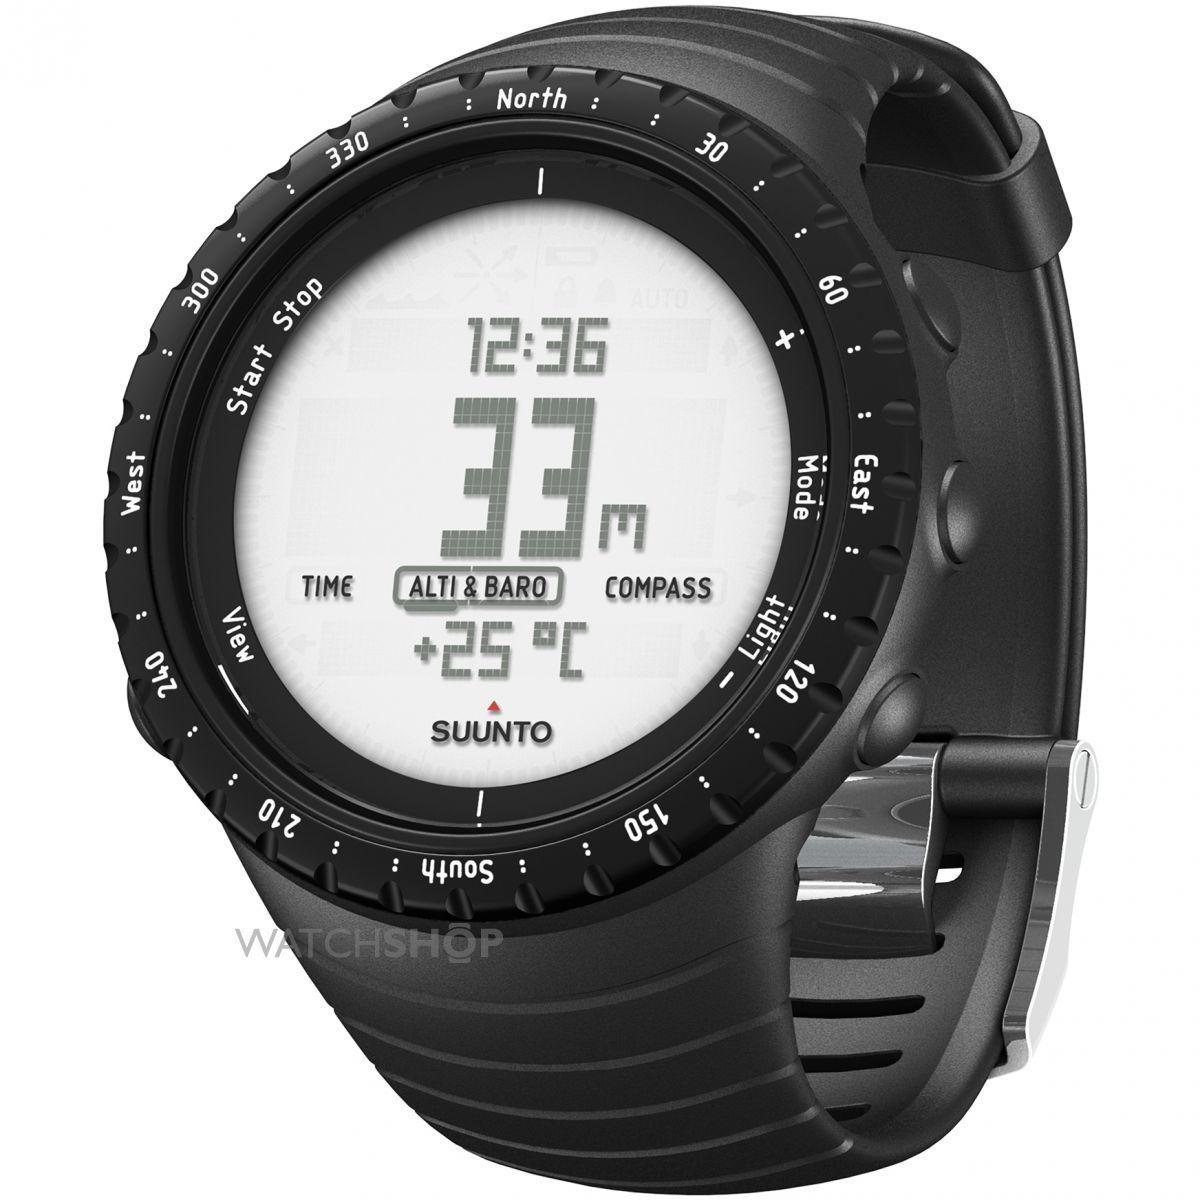 Часы спортивные Suunto Core Regular, цвет: черный80-171610Часы Suunto Core Classic, имеющие все необходимые функции для спорта на открытом воздухе, оснащены прочным корпусом и удобным эластомерным ремешком. Сочетая в себе альтиметр, барометр, компас и панель информации о погоде, Suunto Core Classic станут для вас незаменимым инструментом и верным спутником во всех приключениях. Альтиметр Барометр Компас Термометр Штормовое предупреждение Время восхода/захода солнца Глубиномер для подводного плавания с трубкой Многофункциональные часы с отображением даты и времени Сменная батарея Меню на нескольких языках (английском, французском, немецком, испанском)КомплектацияSuunto Core Regular Black и краткое руководствоРазмеры 49,1 x 49,1 x 14,5 мм Вес 64 г Материал безеля: Алюминий Материал стекла: Минеральный хрусталь Материал корпуса: Композит Материал ремешка: Эластомер